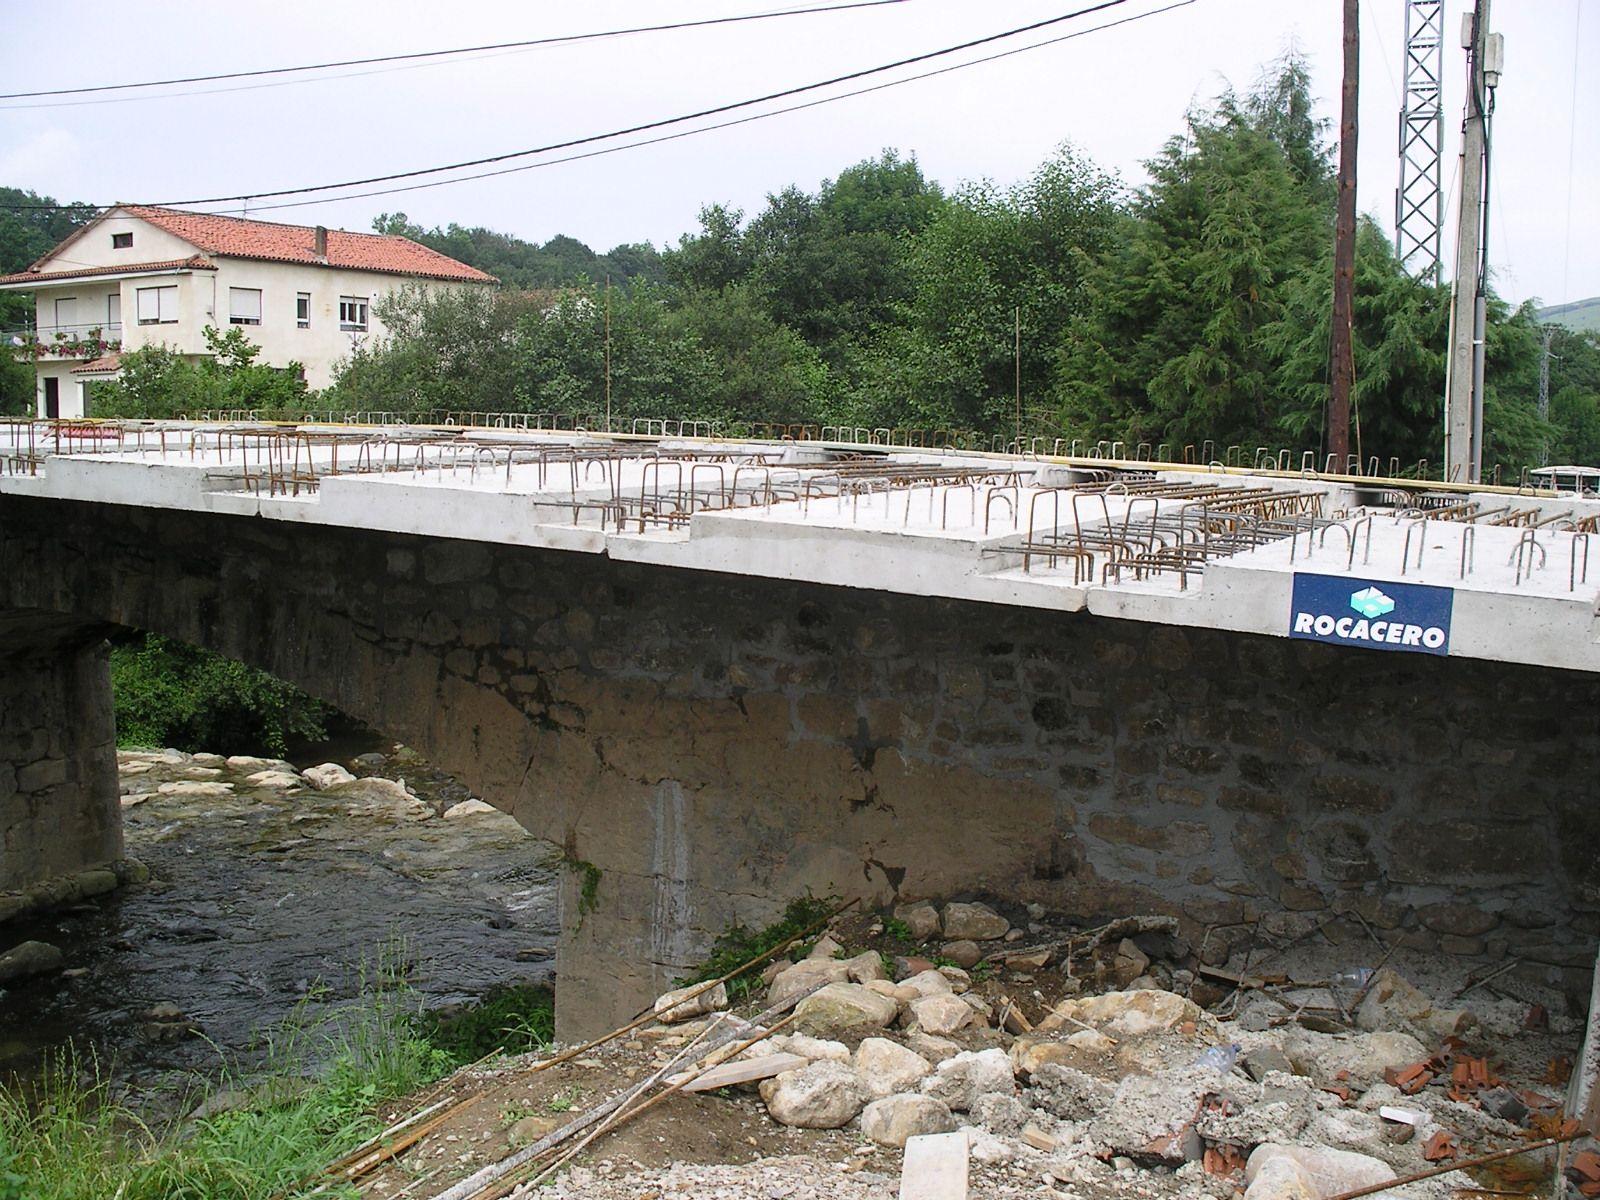 puente de barcenilla rocacero3